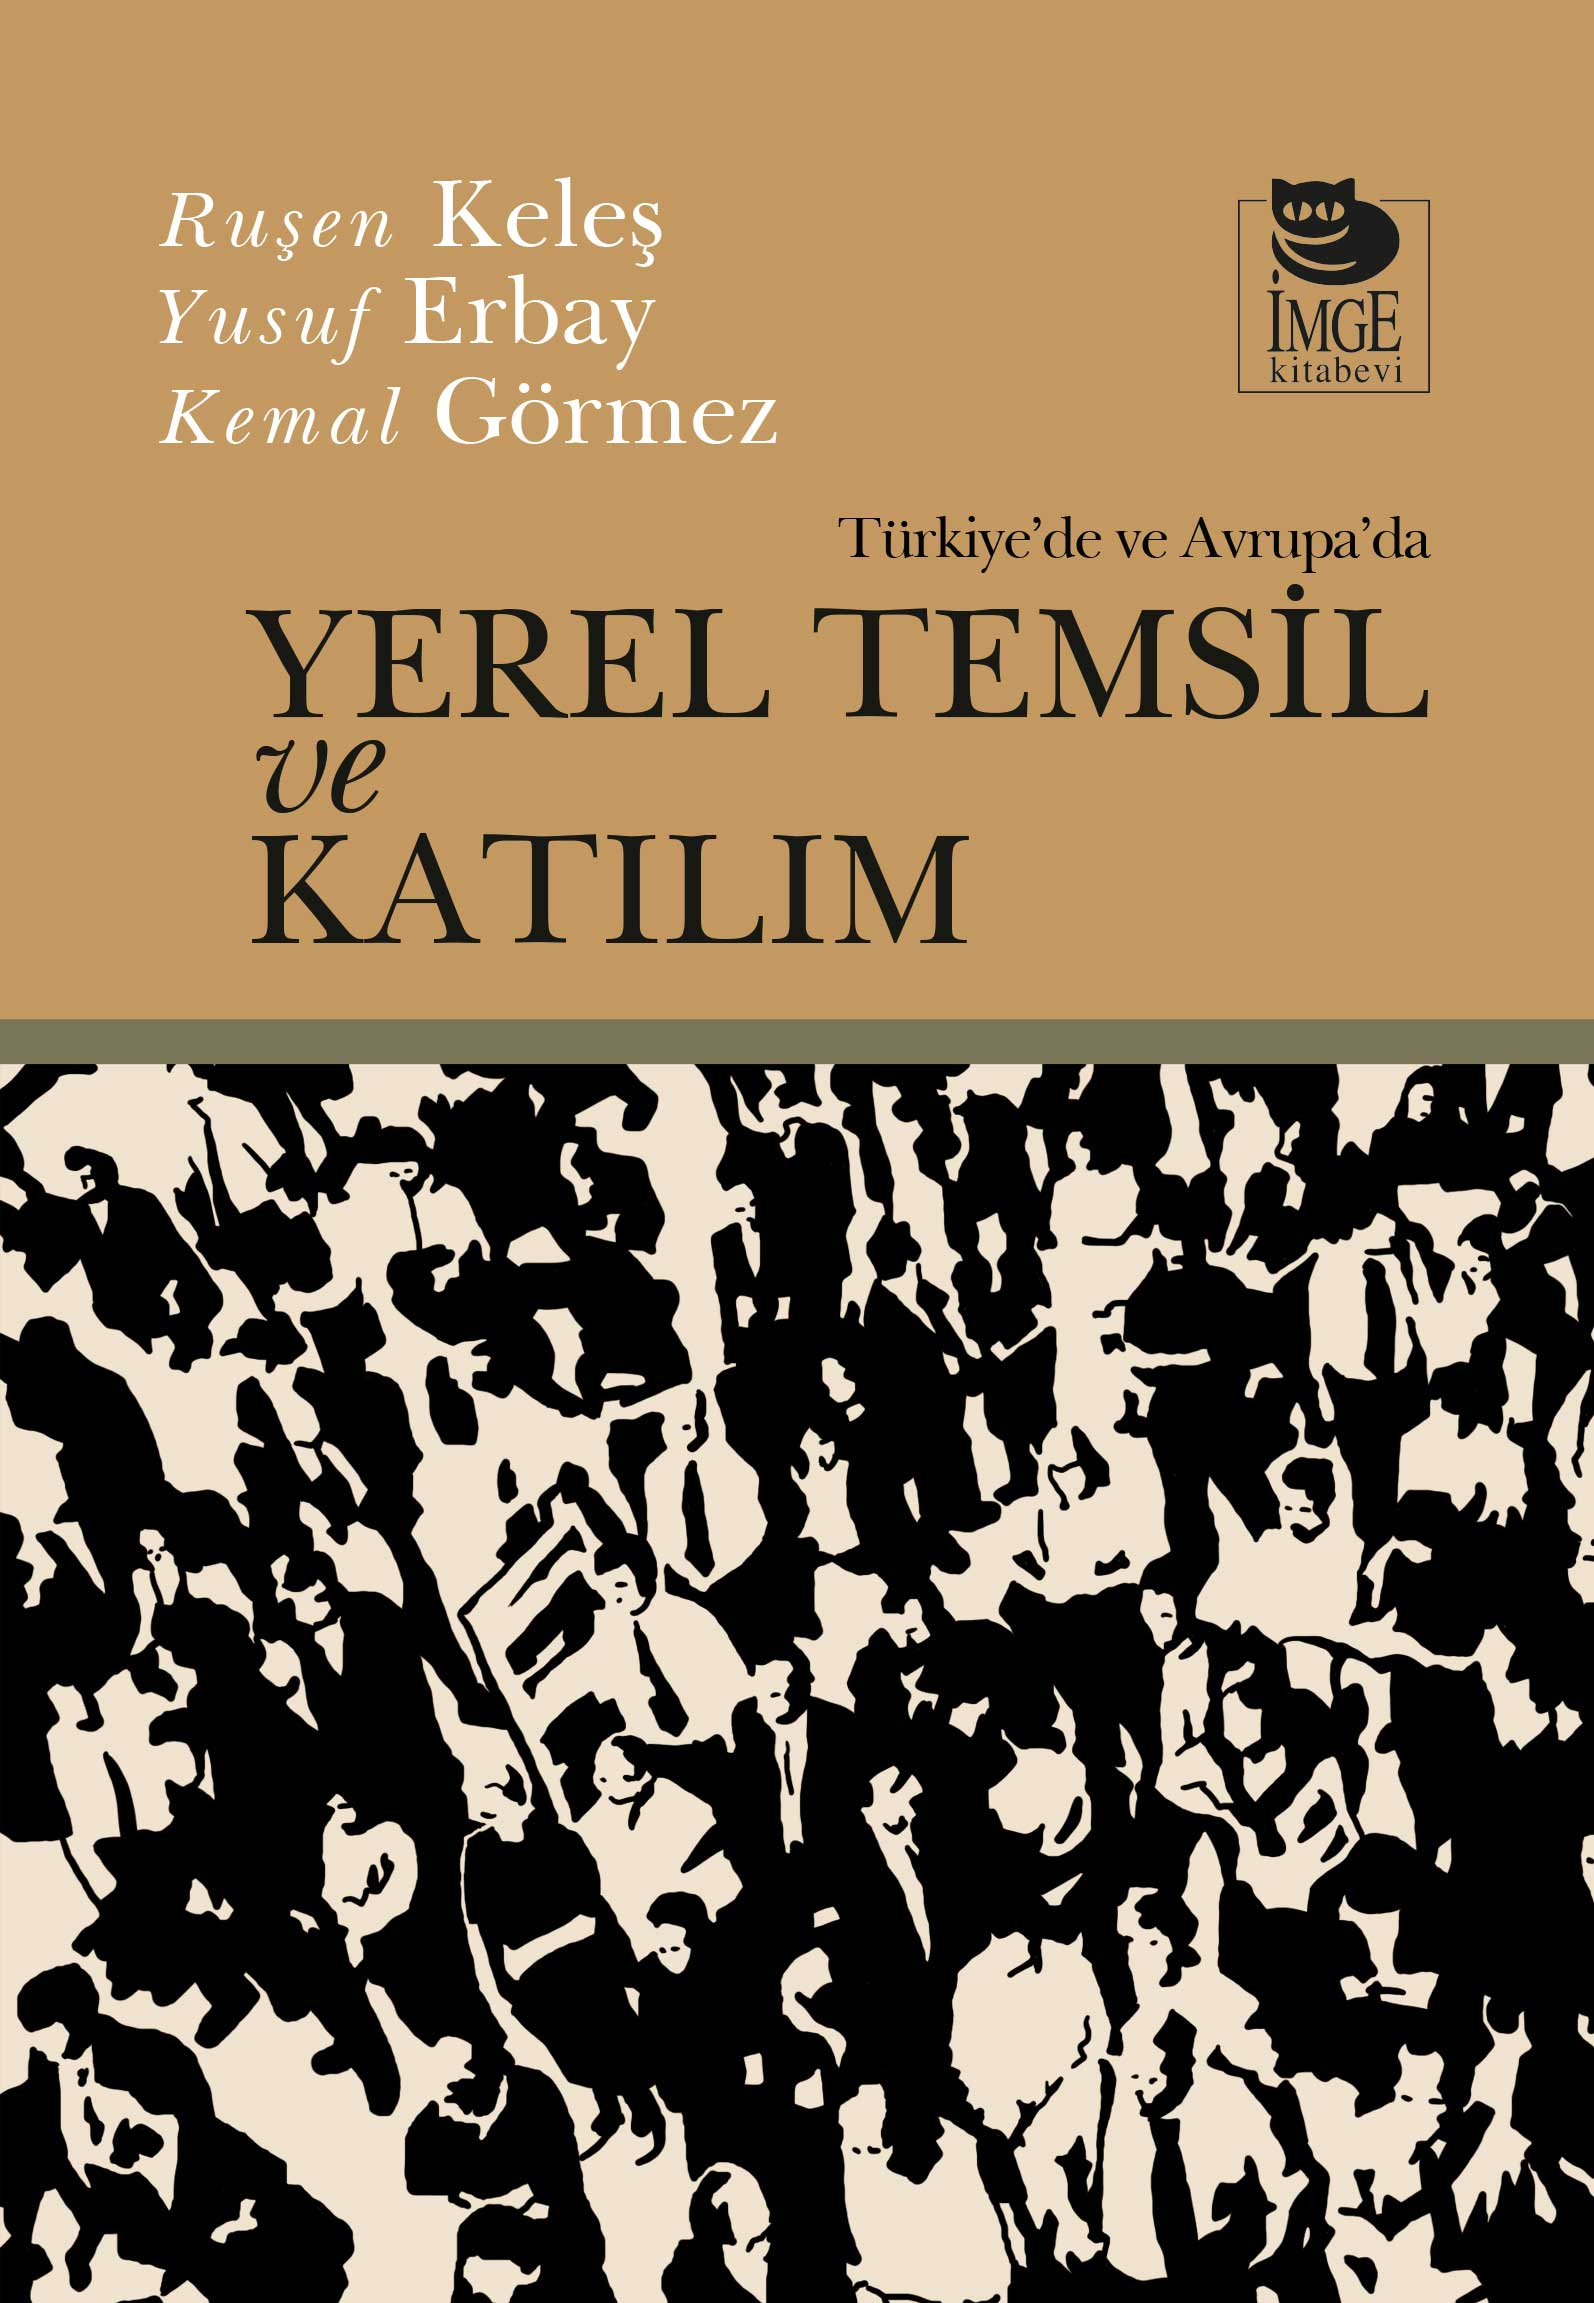 Türkiye'de ve Avrupa'da Yerel Temsil ve Katılım